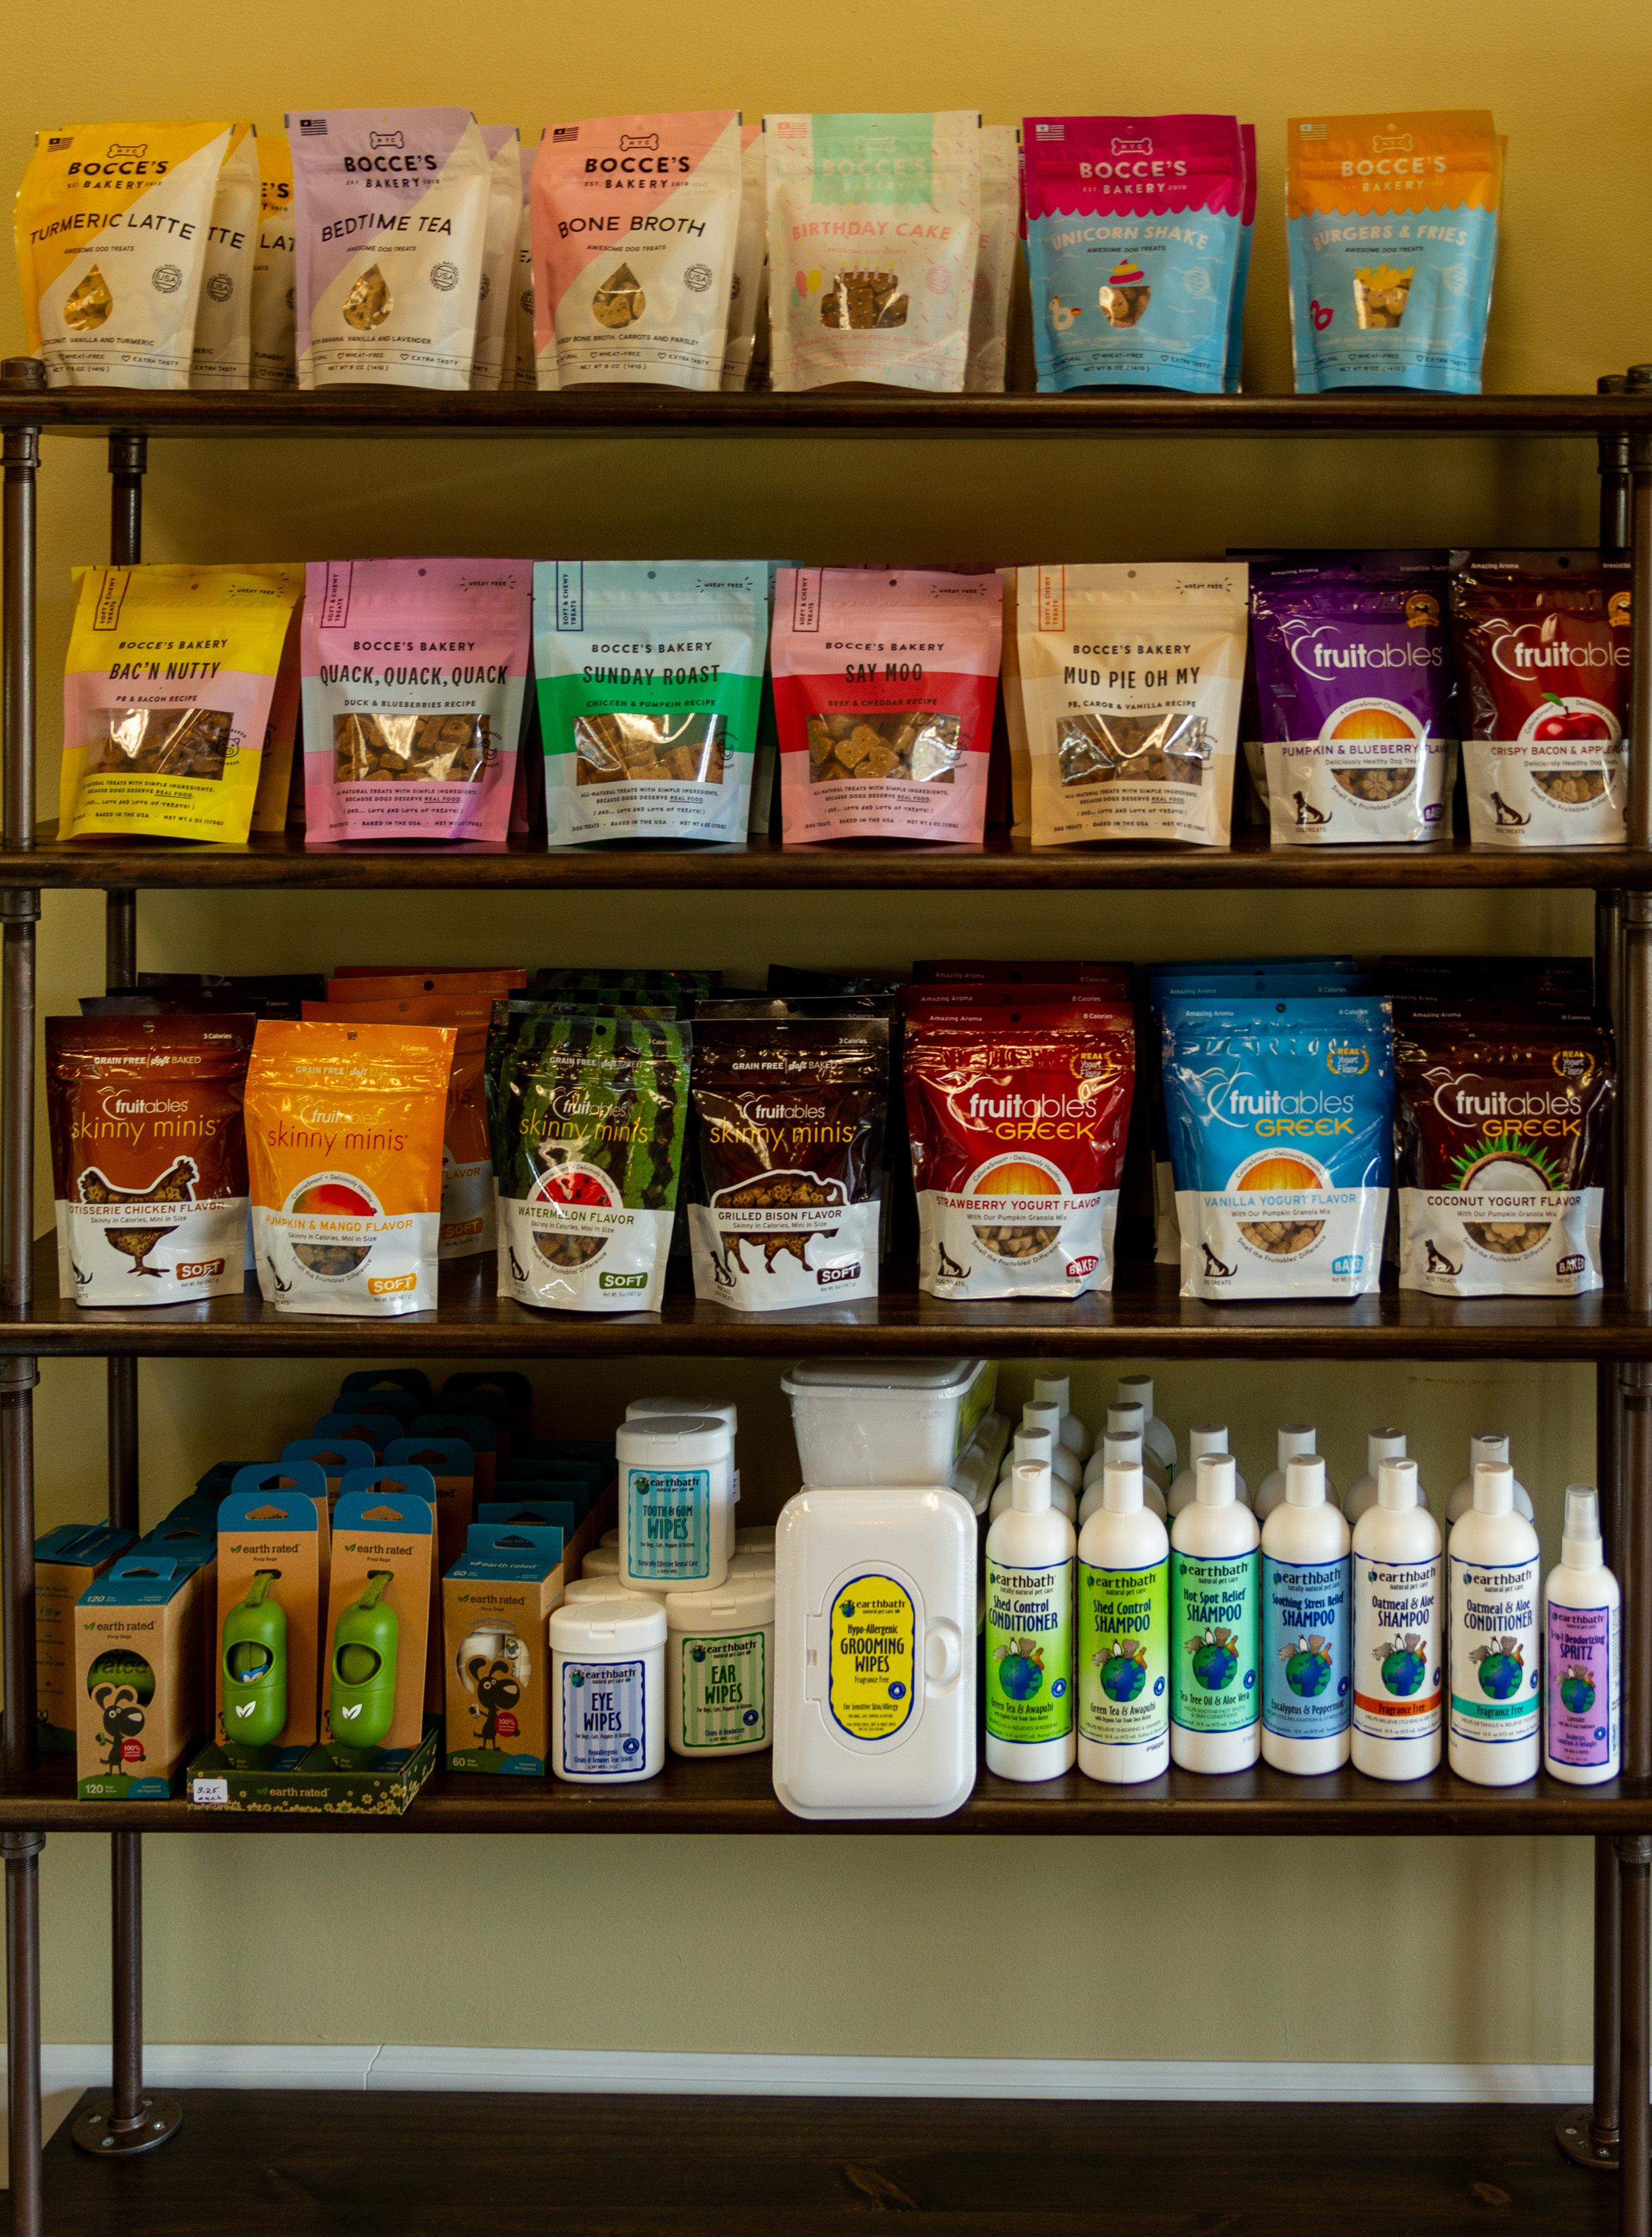 Morty's_Munchies_Store-101.jpg